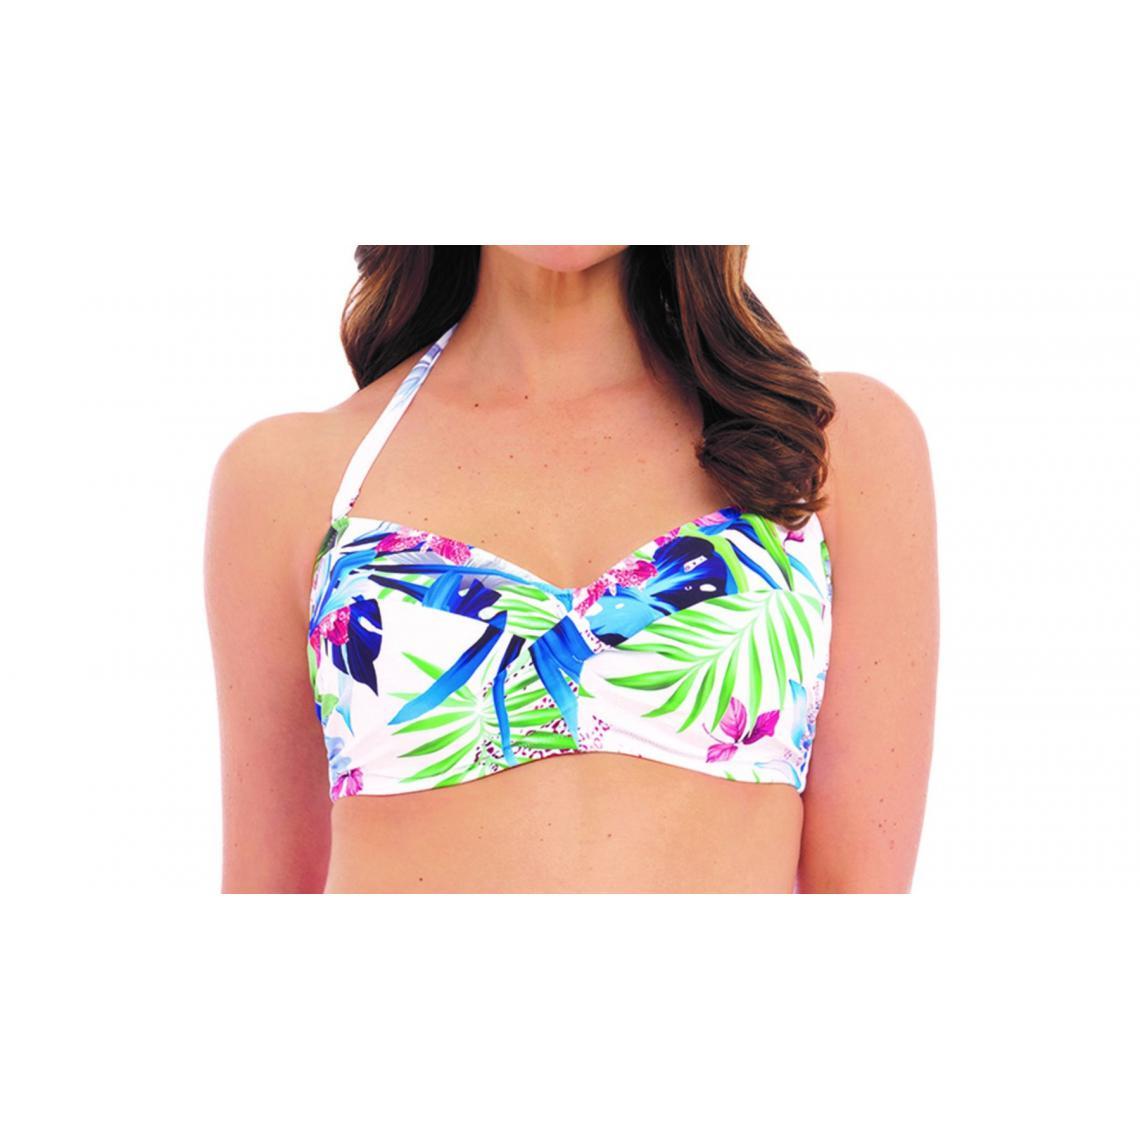 Haut de maillot de bain bandeau armatures Fantasie Bain bleu - FS500009-BLS-95I - Modalova